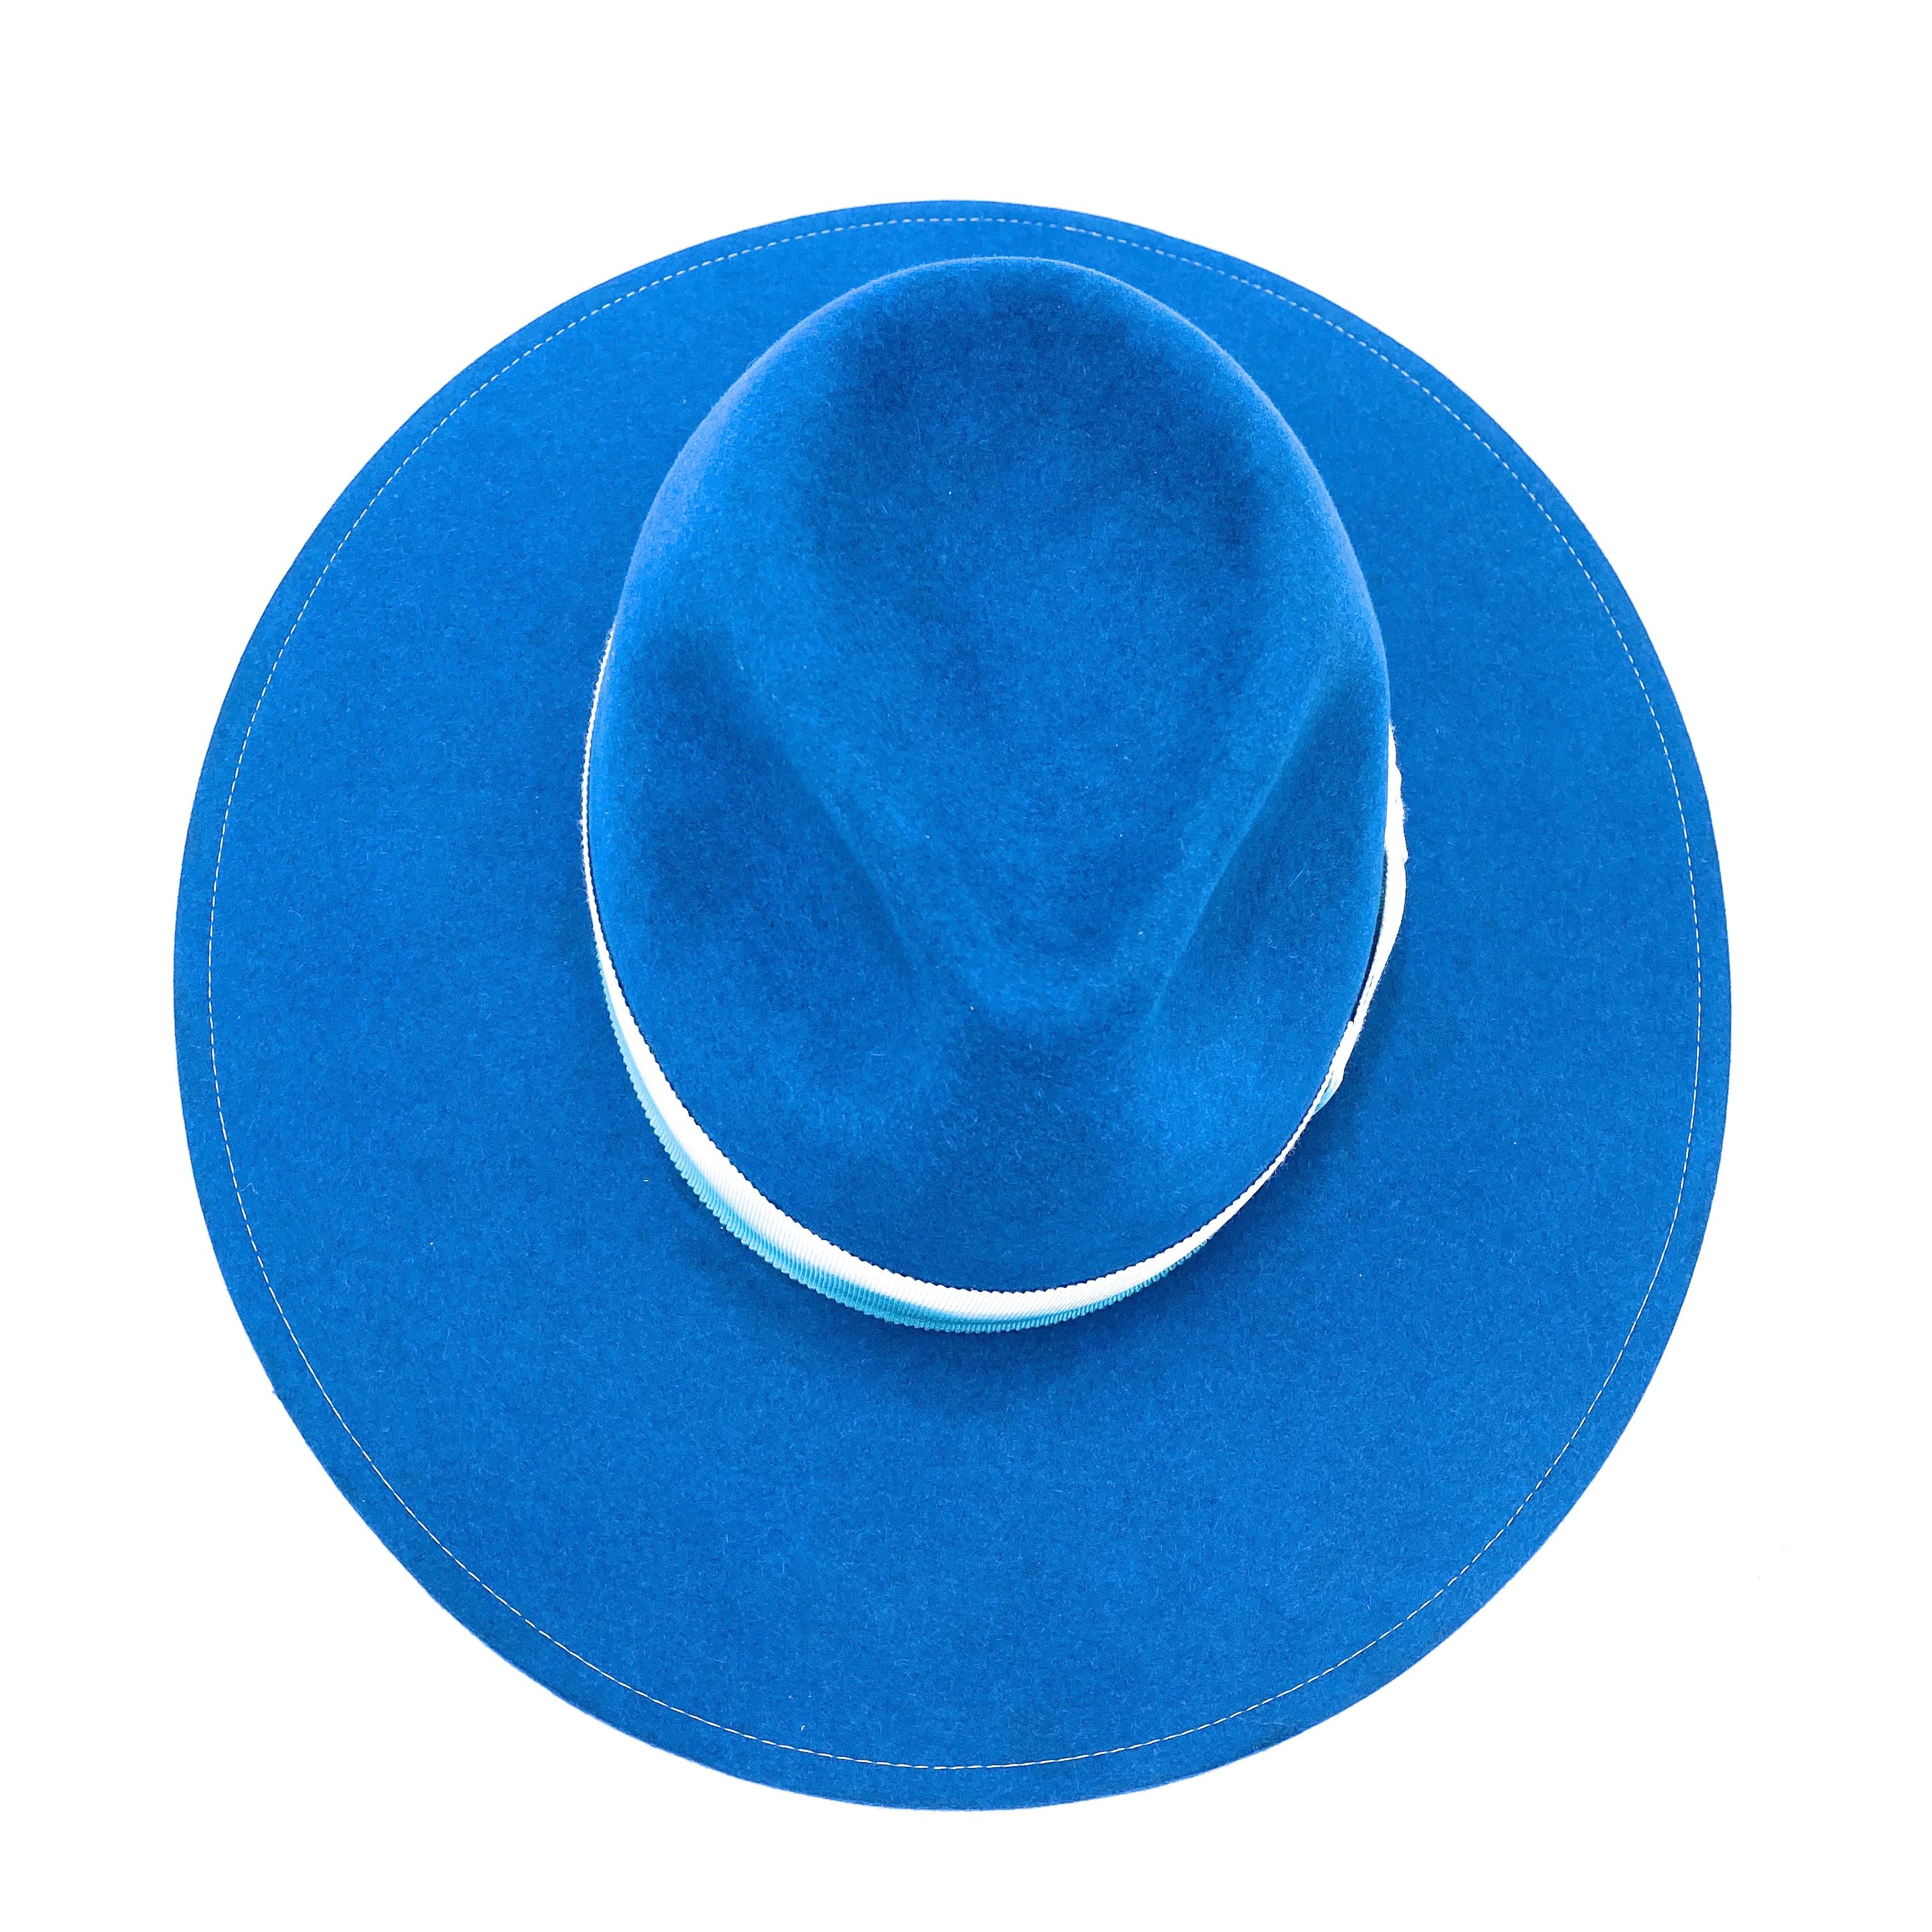 Per Brink Fedora Turquoise